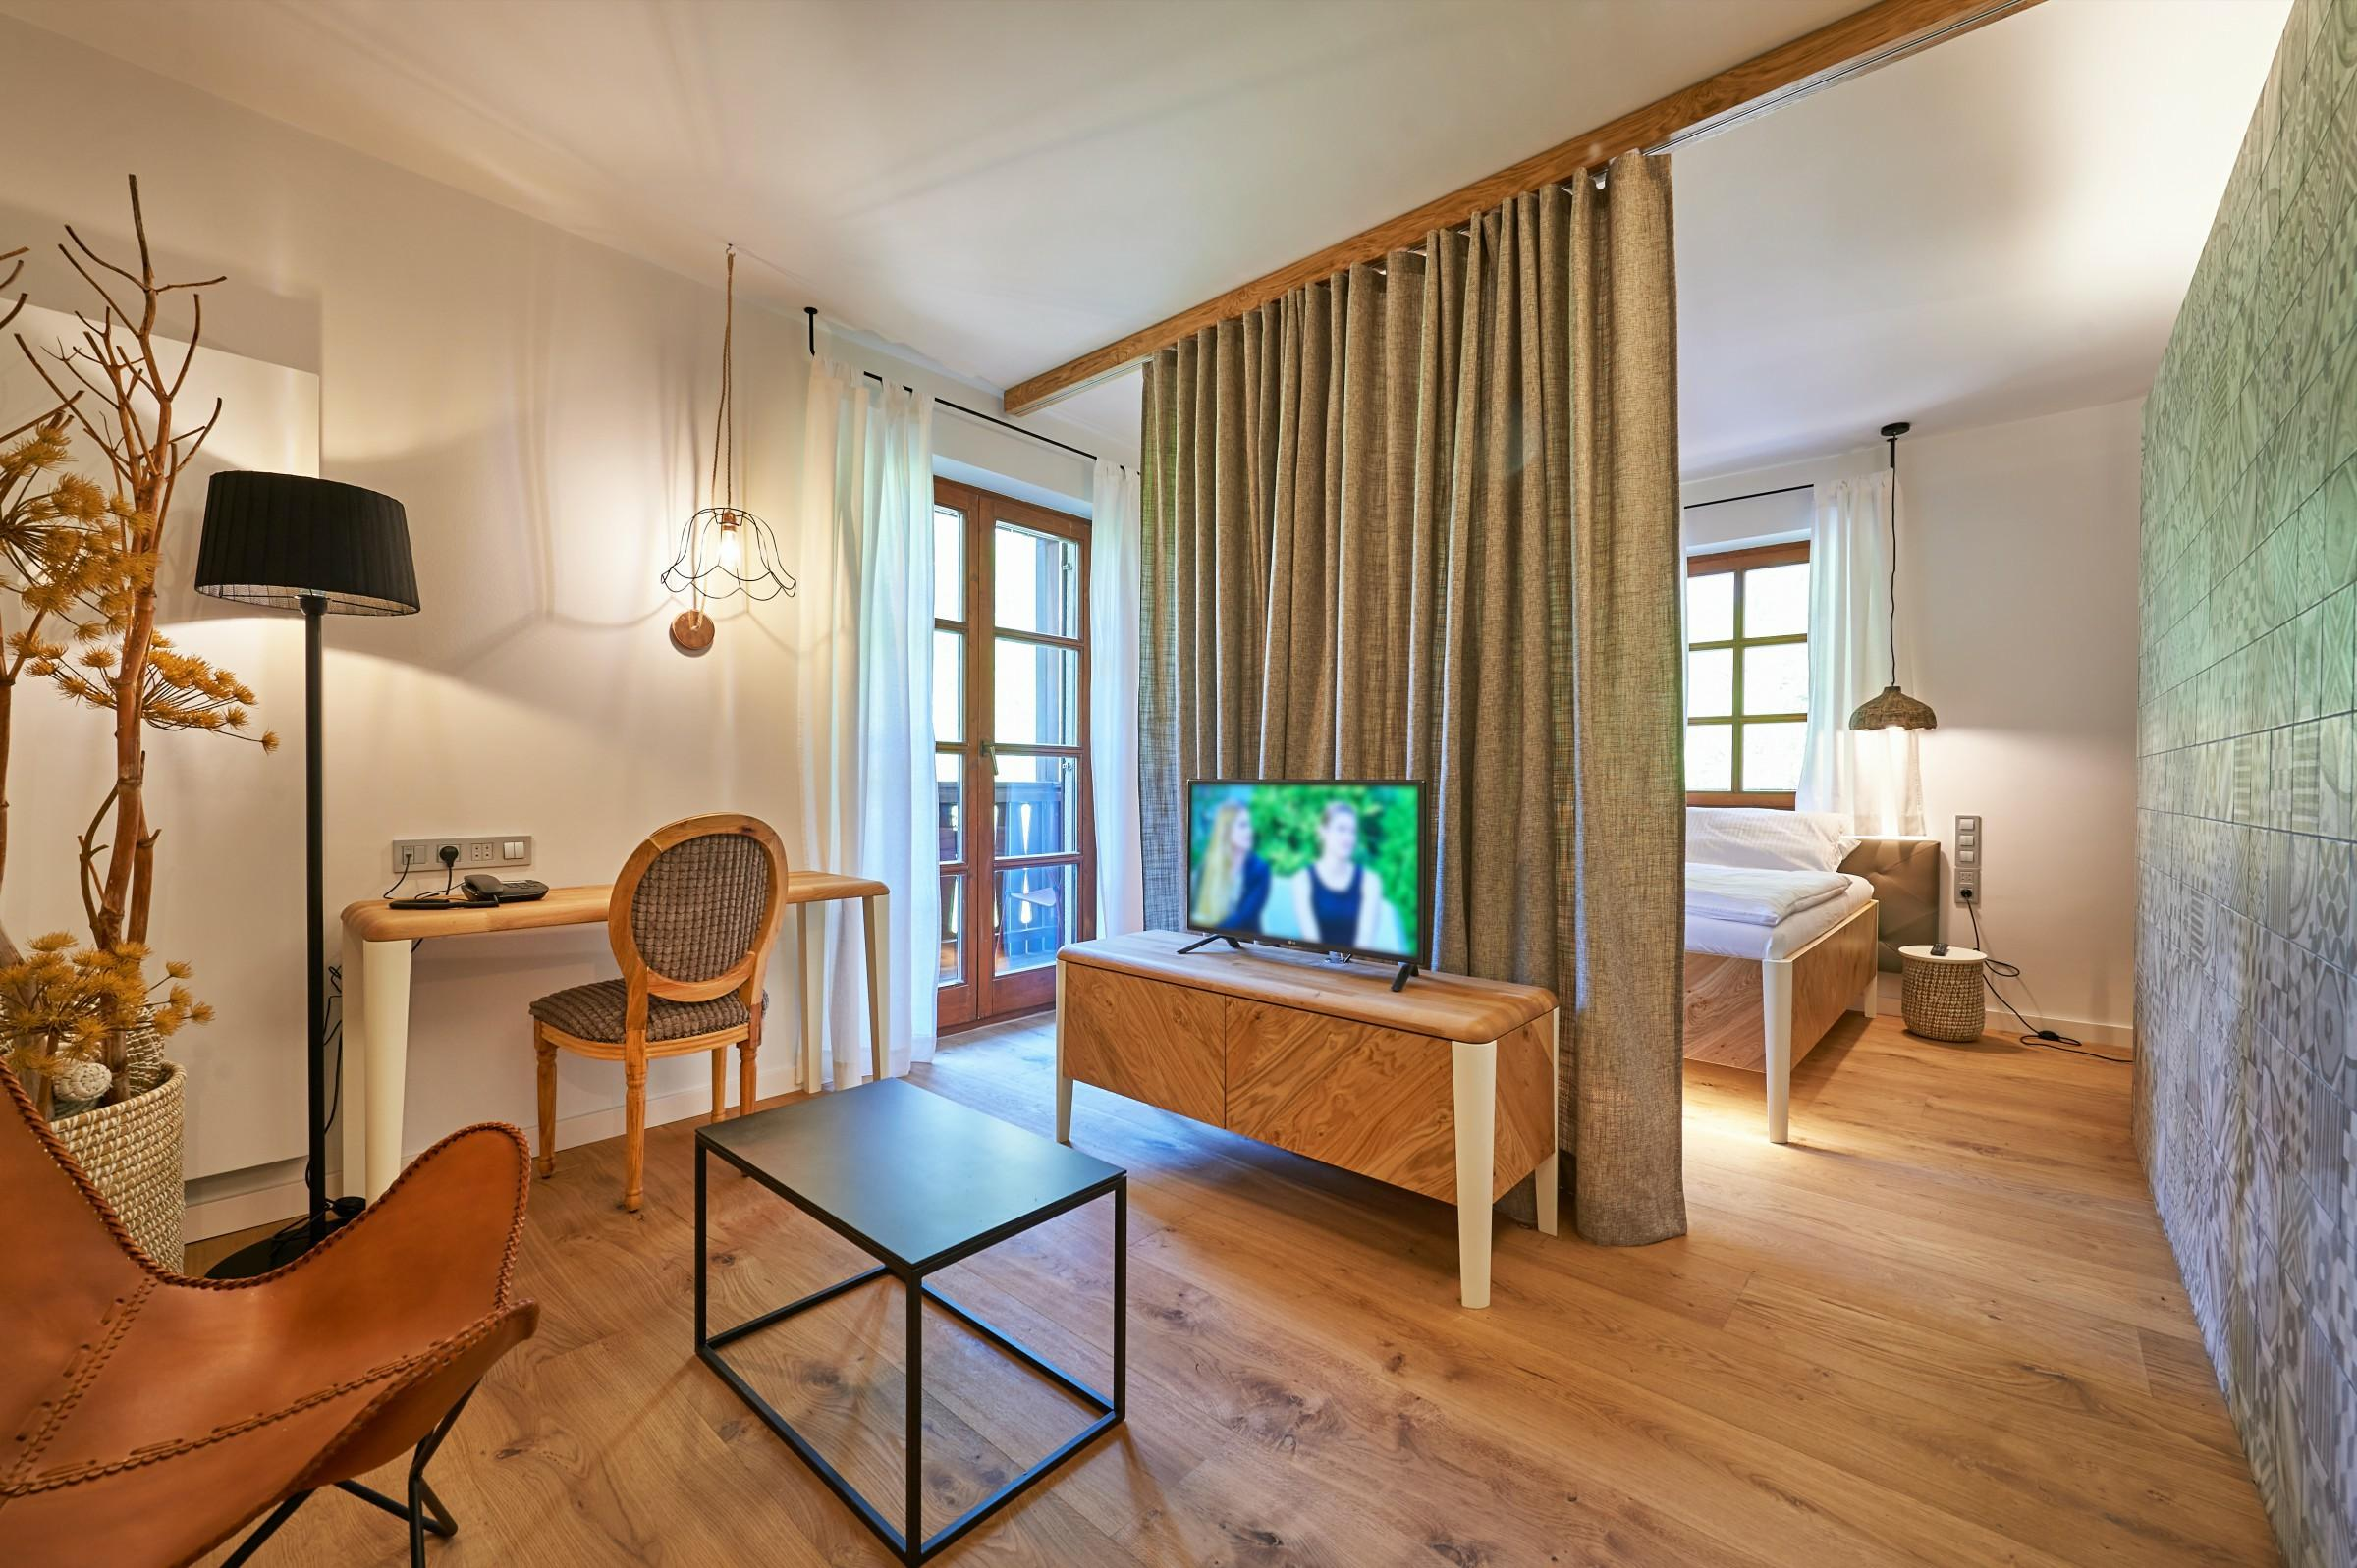 Hotel_plesnik (14)